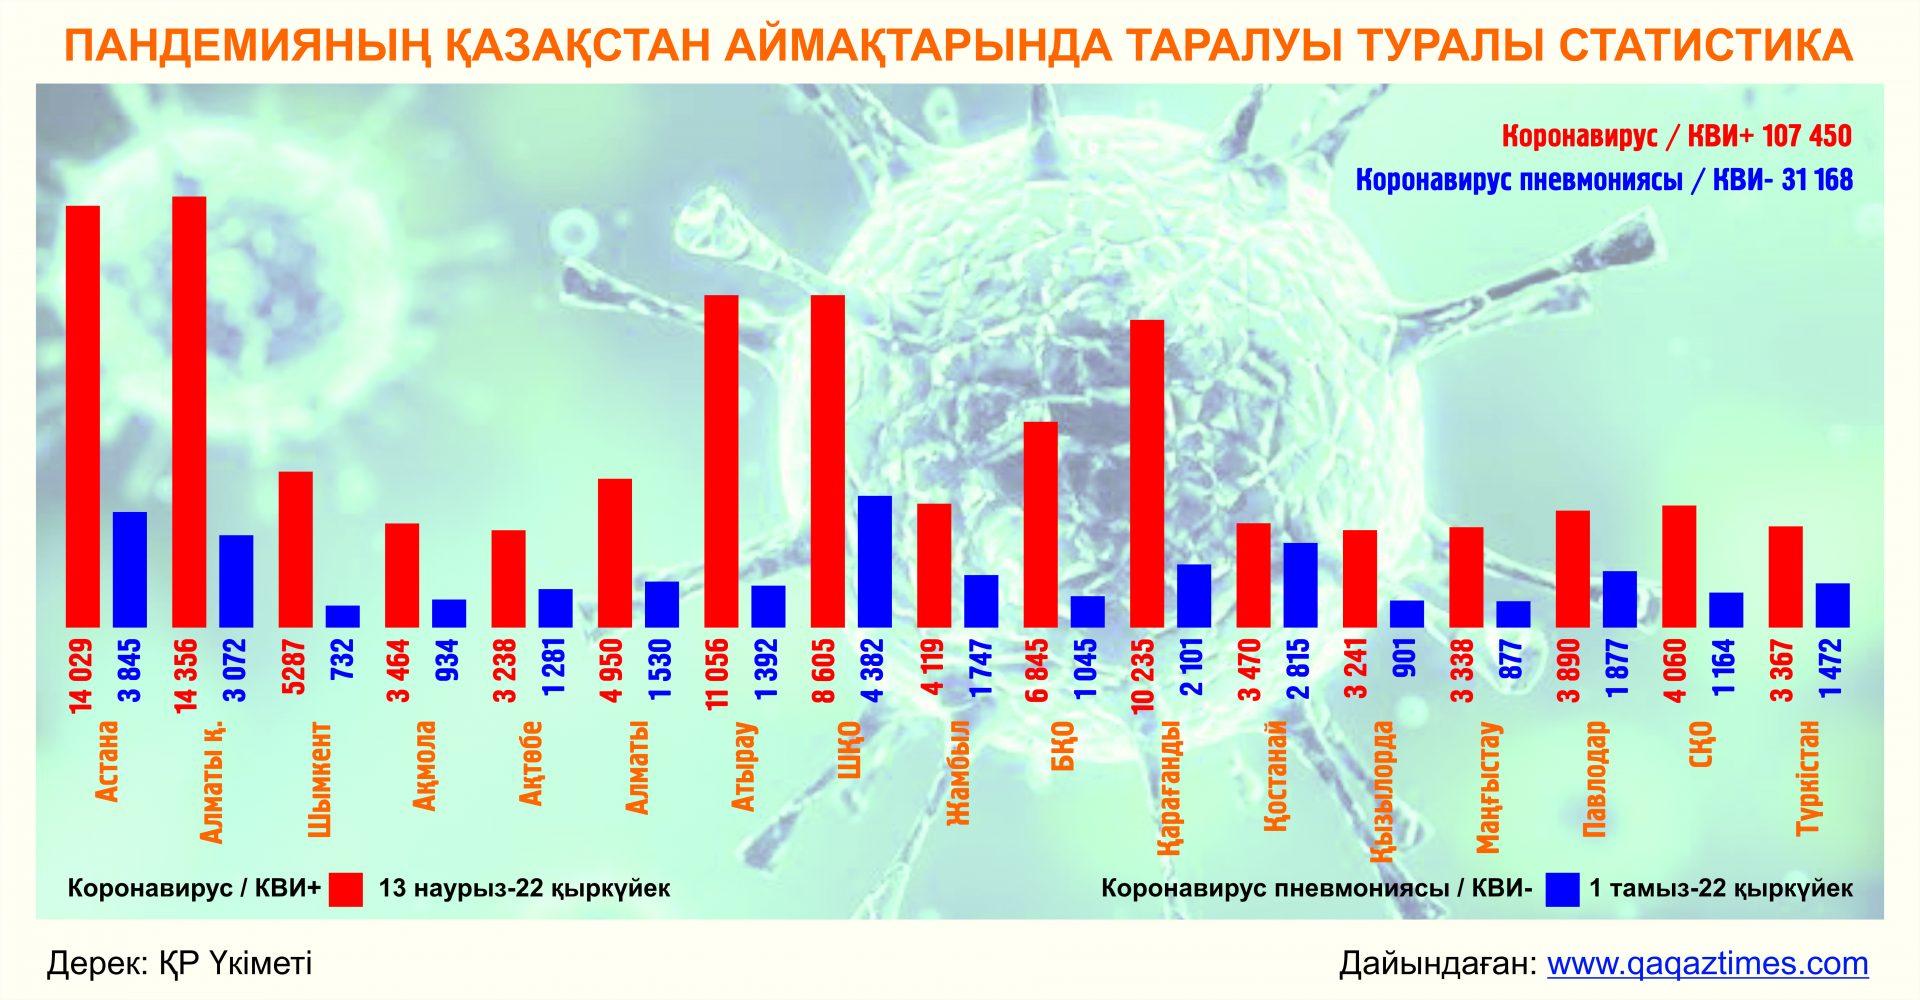 Pandemiyanıñ Qazaqstan aymaqtarında taraluı turalı statistika. Dayındağan: The Qazaq Times AA www.qaqaztimes.com